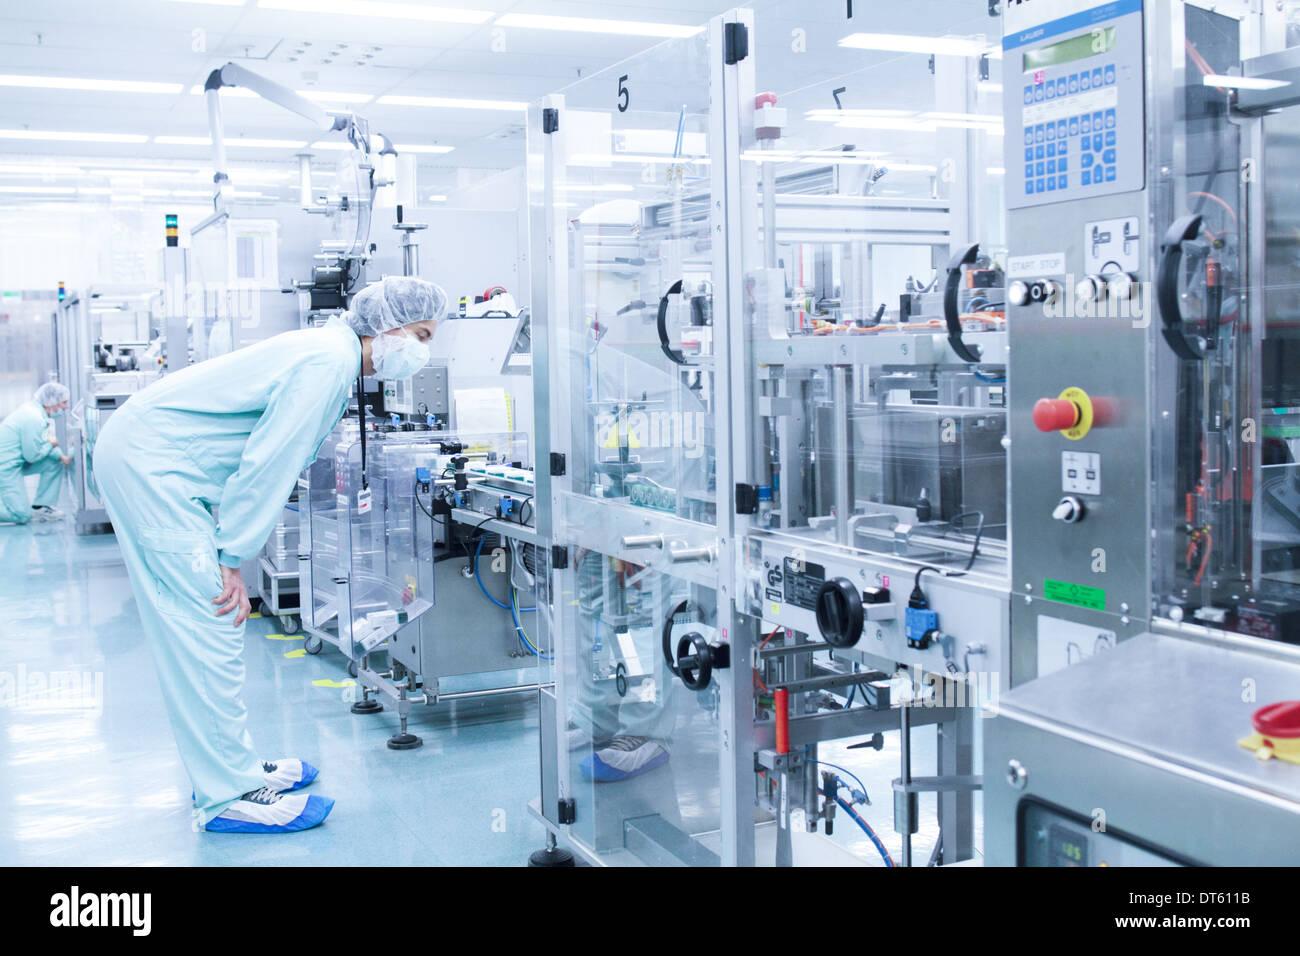 Tecnico di laboratorio per piegatura guarda da vicino alla macchina Immagini Stock